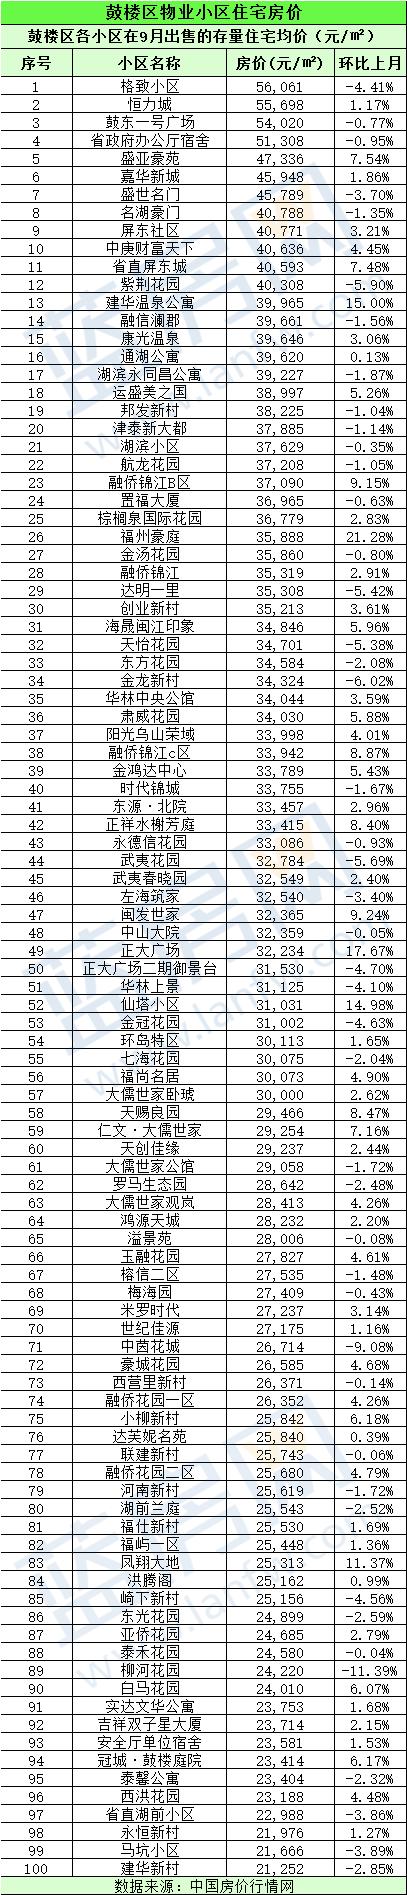 福州二手房均价位居全国第九!附福州475个小区最新房价